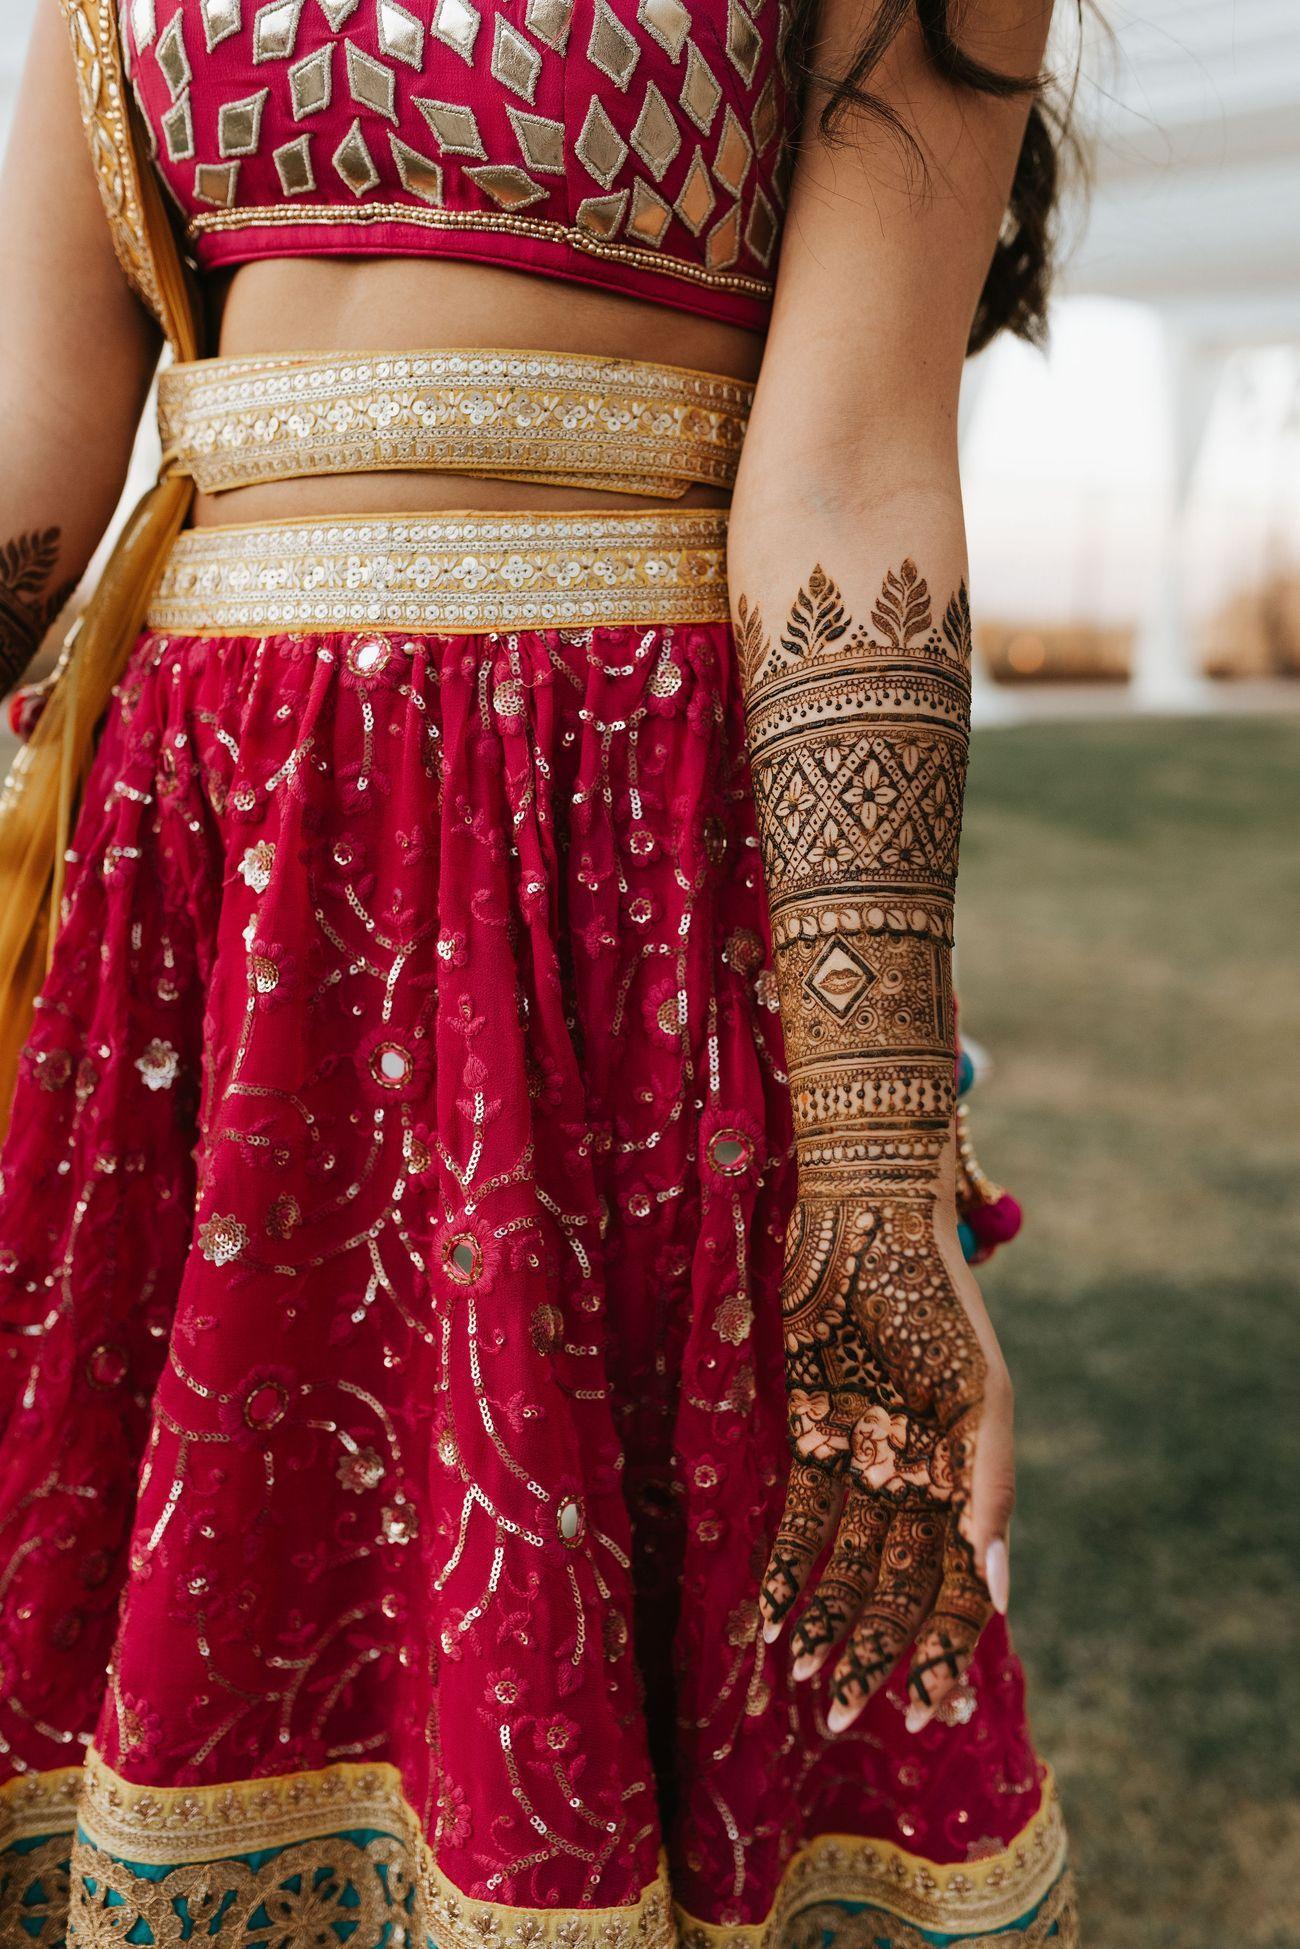 भारत में प्राचीन समय से मेहंदी लगाने के परंपरा चली आ रही हैं। हालांकि मेहंदी लगाने का तरीका जरूर बदल गया है। आजकल लड़कियों में पोट्रेट मेहंदी का क्रेज है